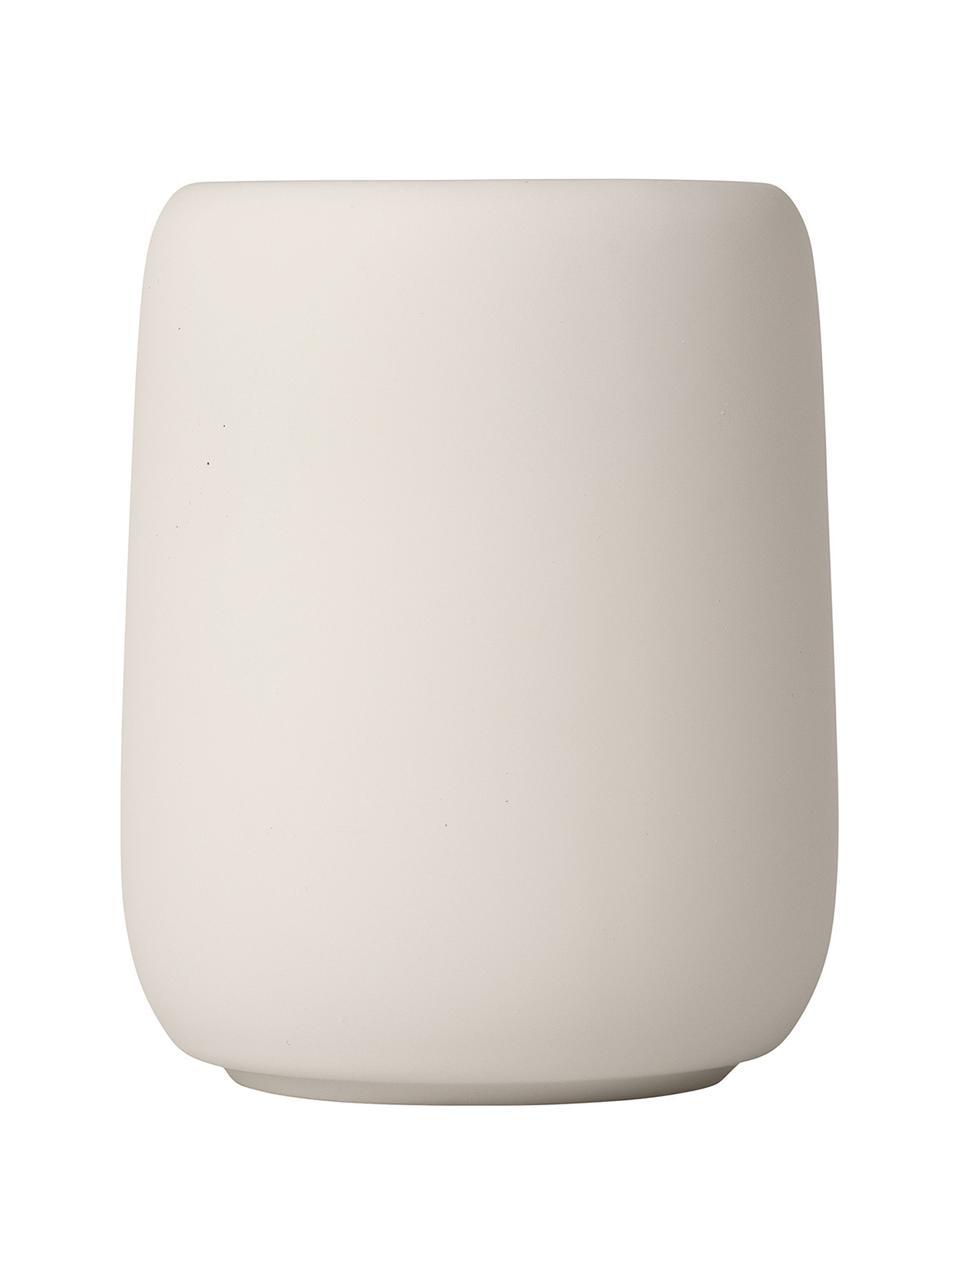 Zahnputzbecher Sono aus Keramik, Keramik, Beige, Ø 9 x H 11 cm